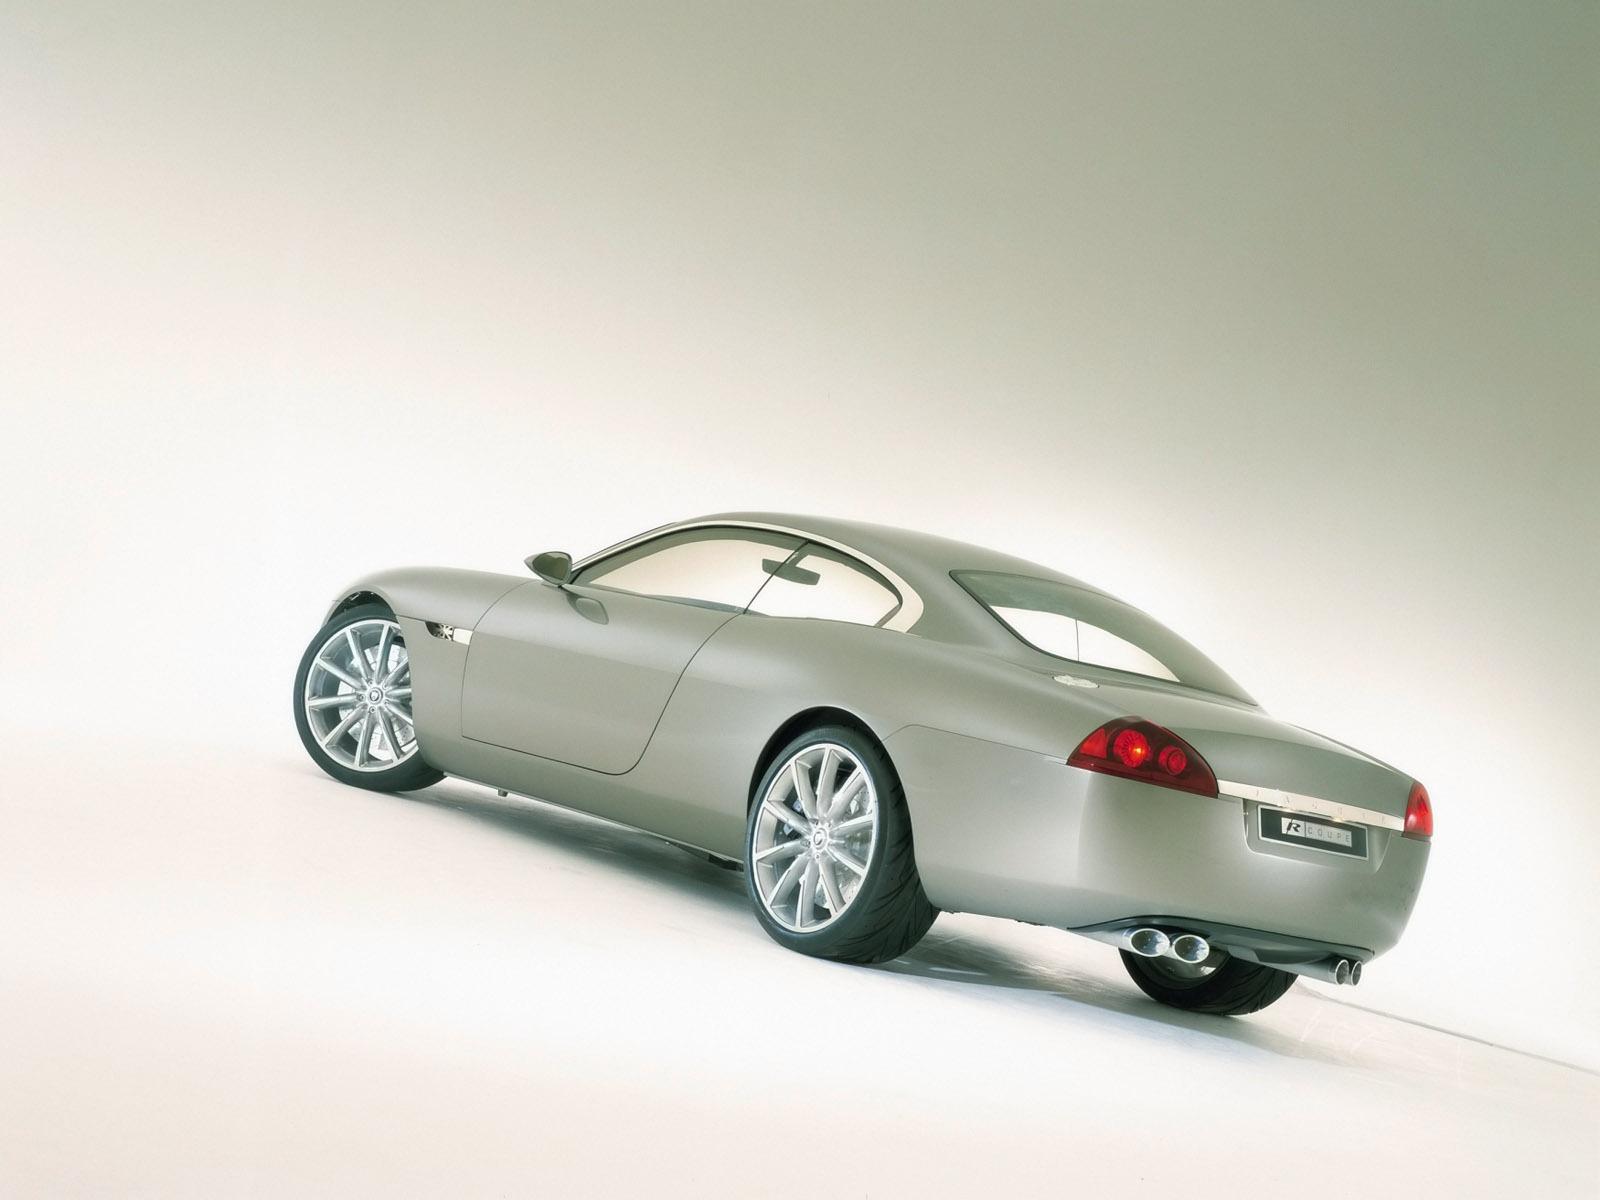 Jaguar R-Coupe Concept (2001) - Old Concept Cars